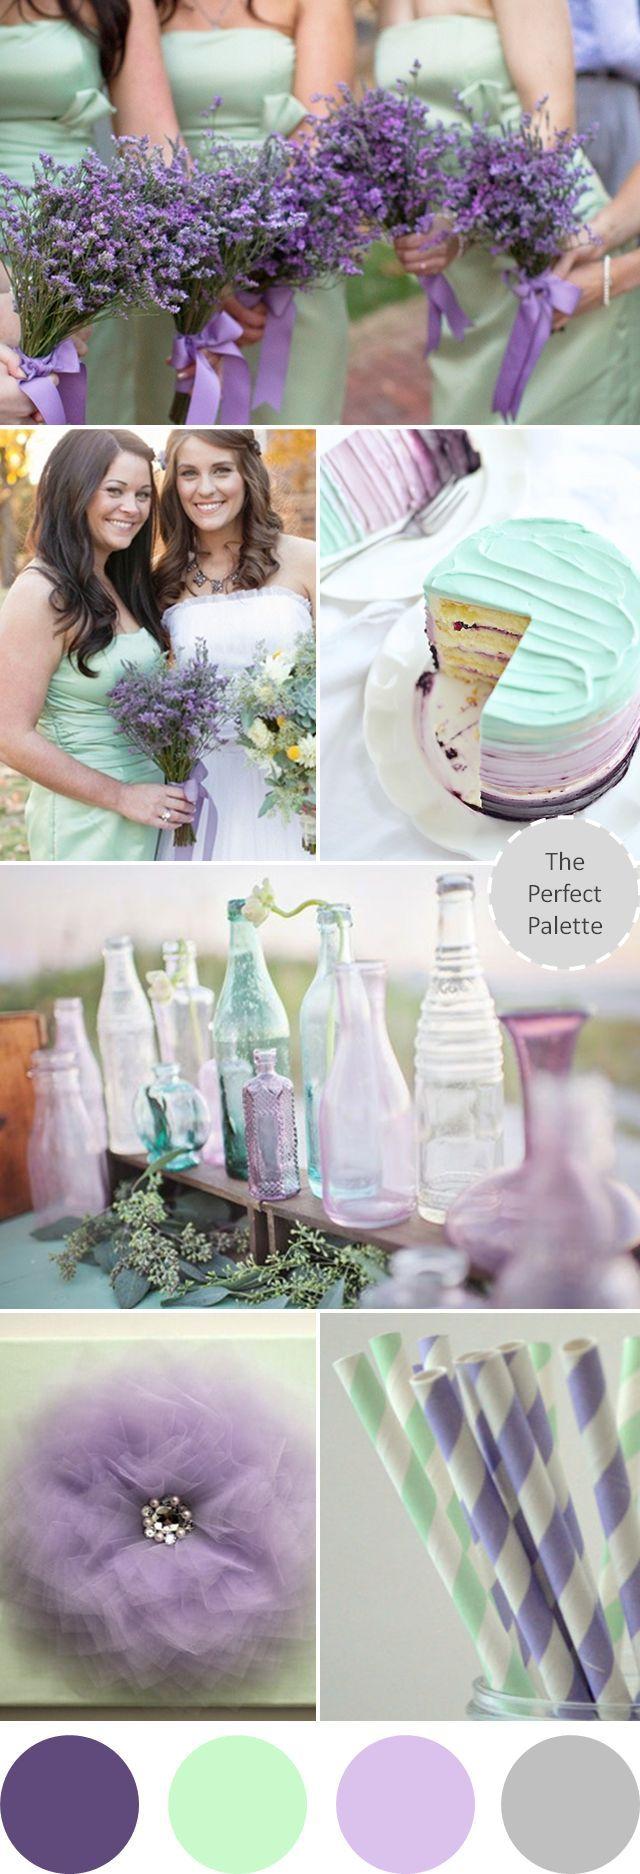 Mira esta #tendencia en #colores para tu #boda. ¿Qué te parecen?